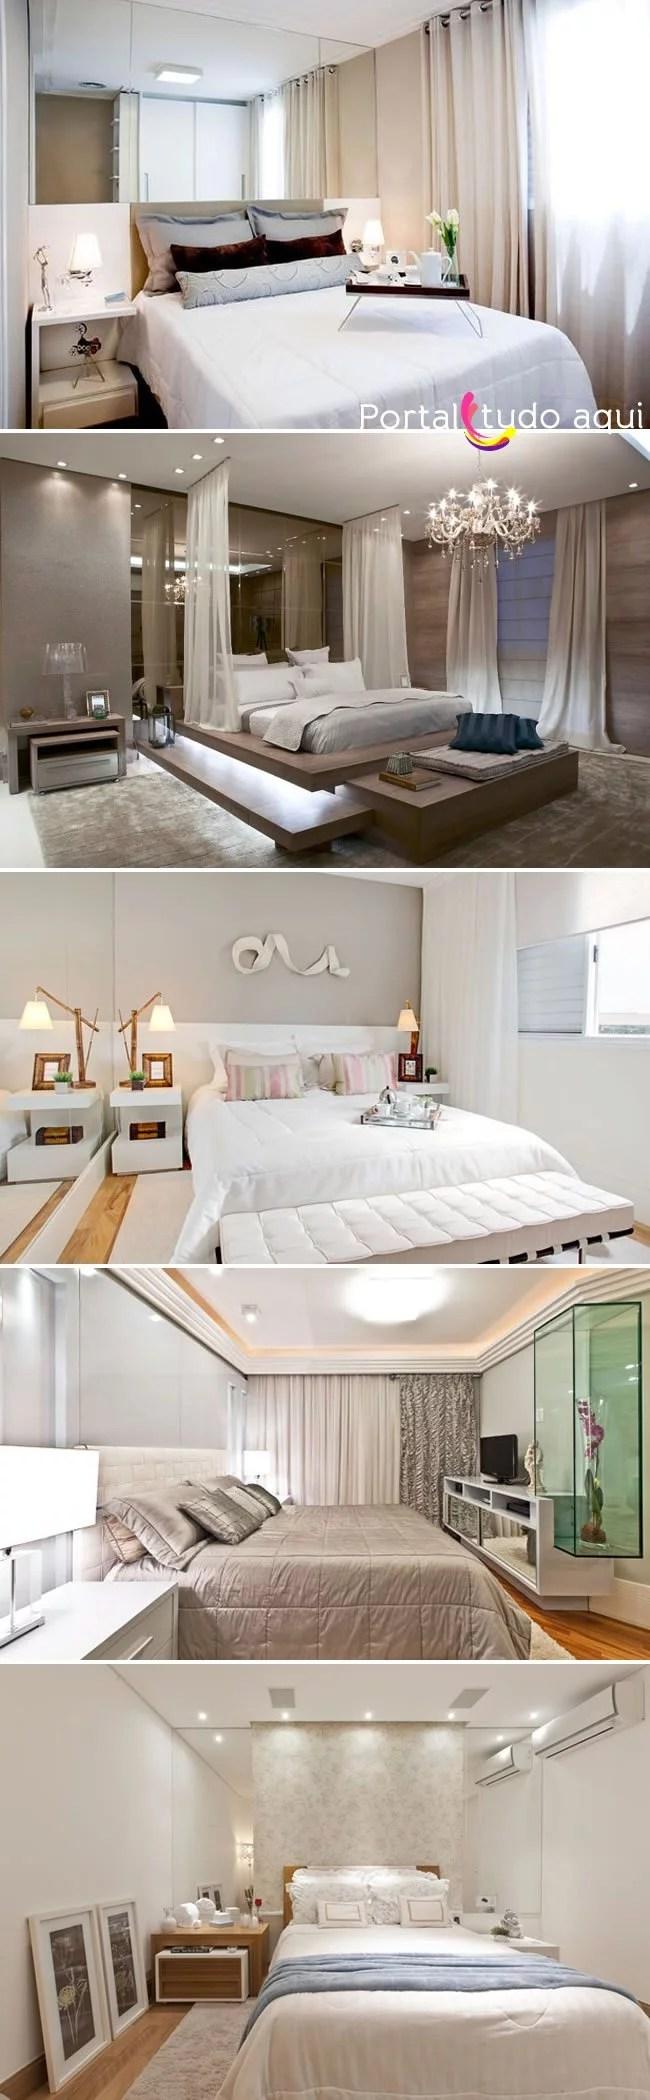 decoracao-quarto-casal-cores-claras-espelho